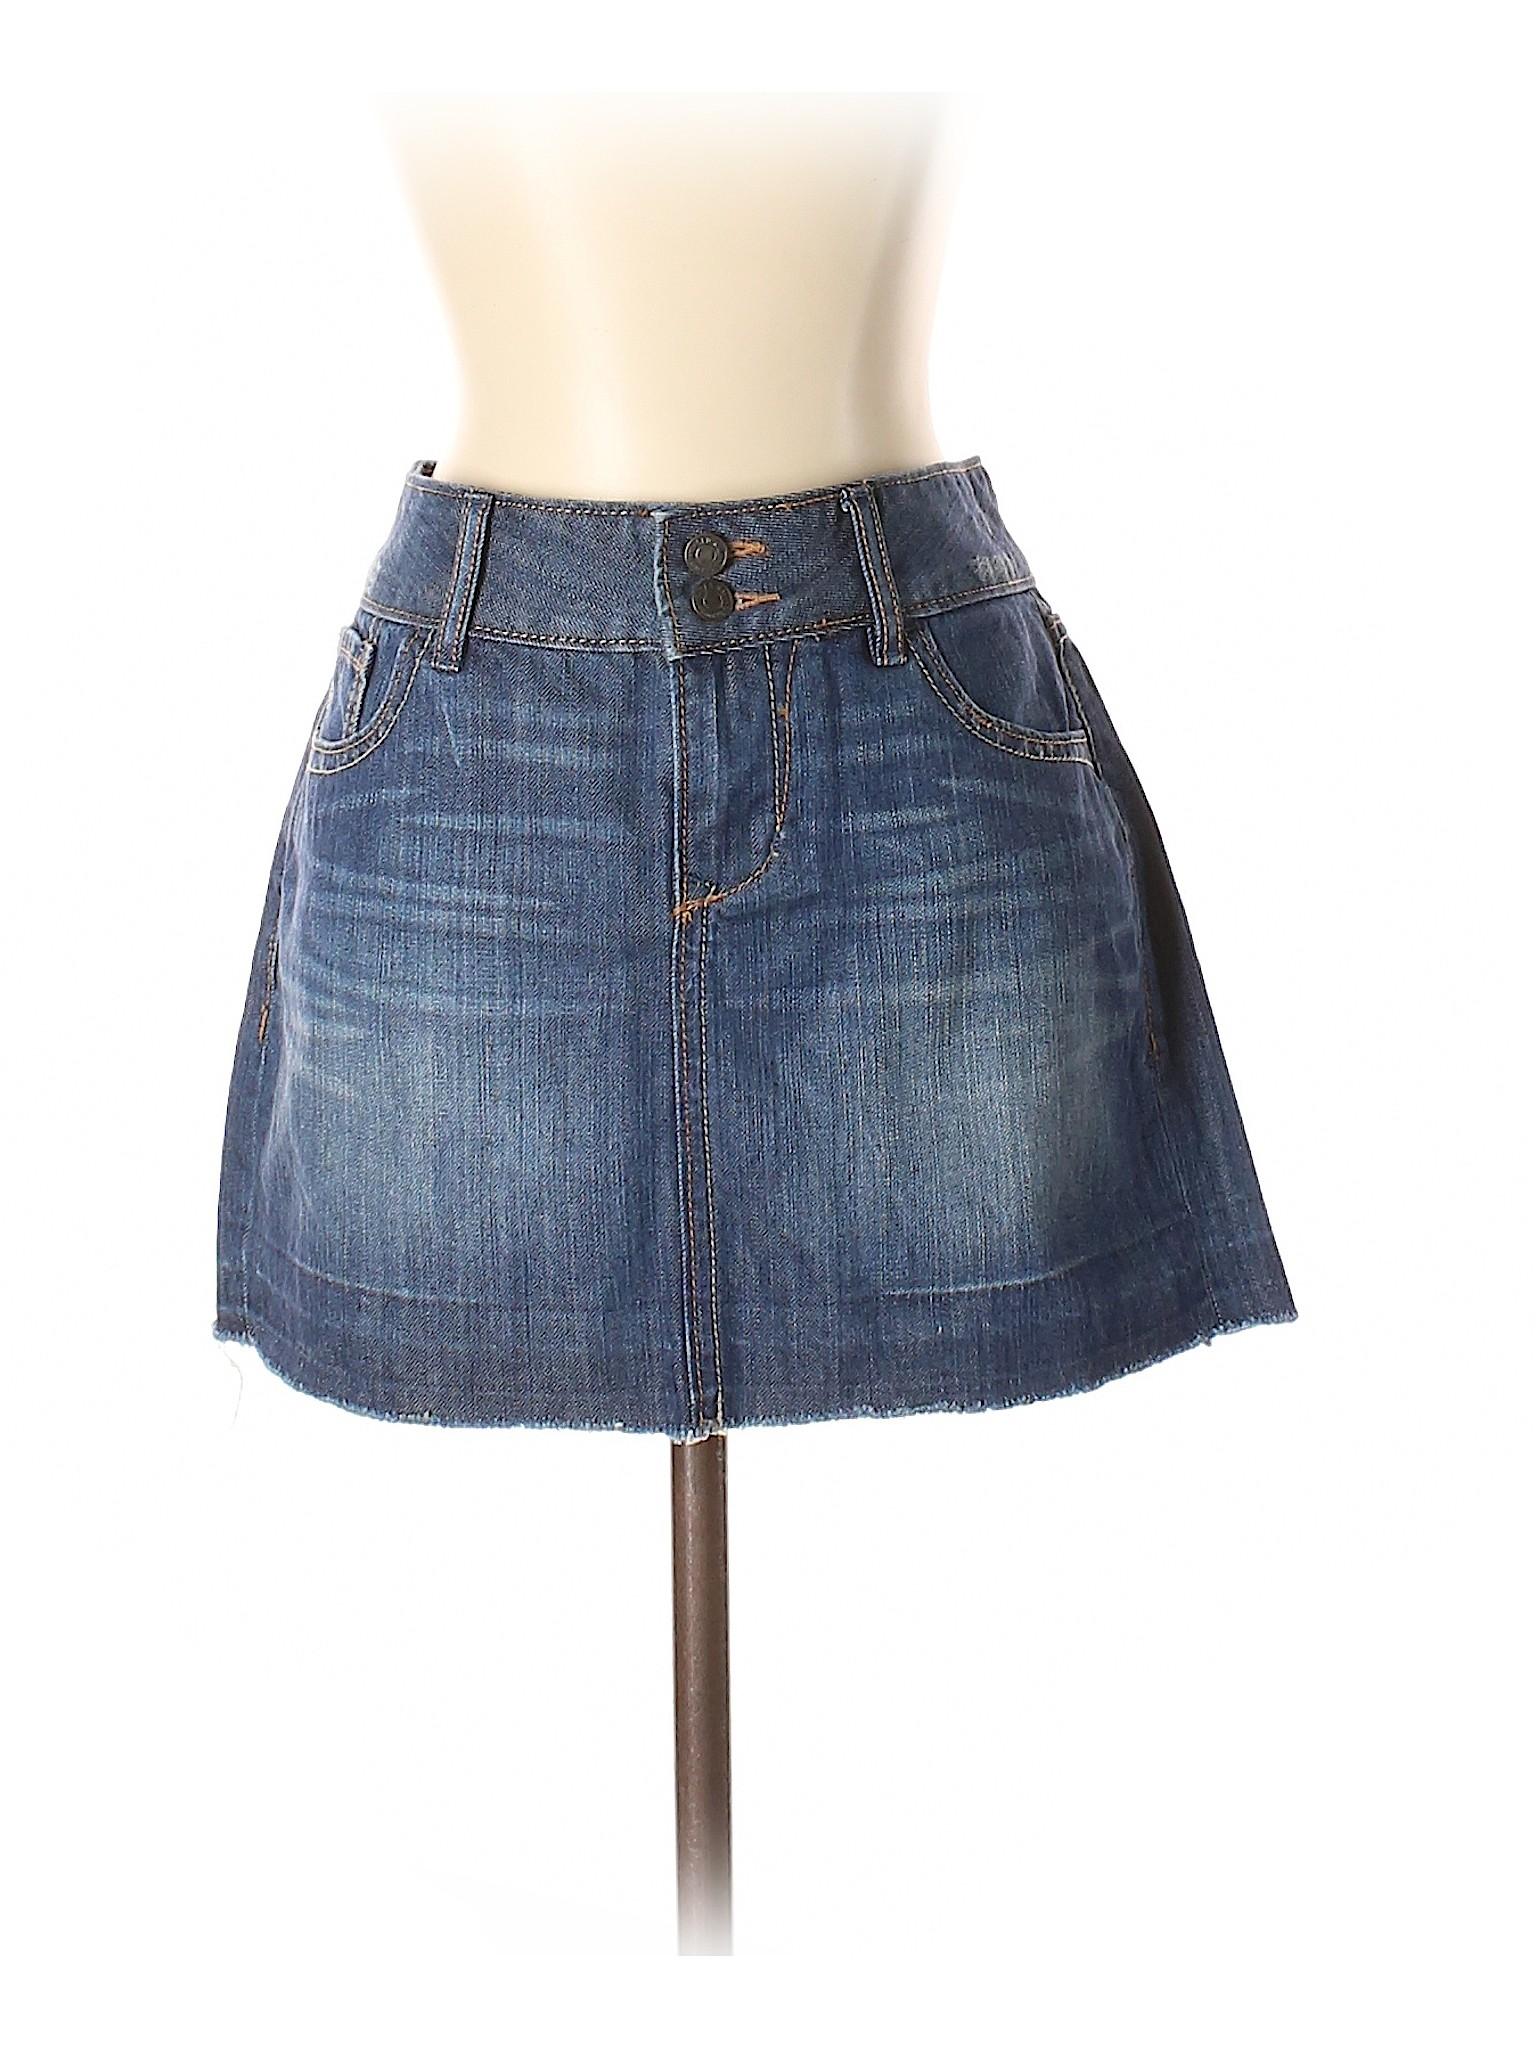 Skirt Boutique Boutique Boutique Skirt Denim Denim ExqZz